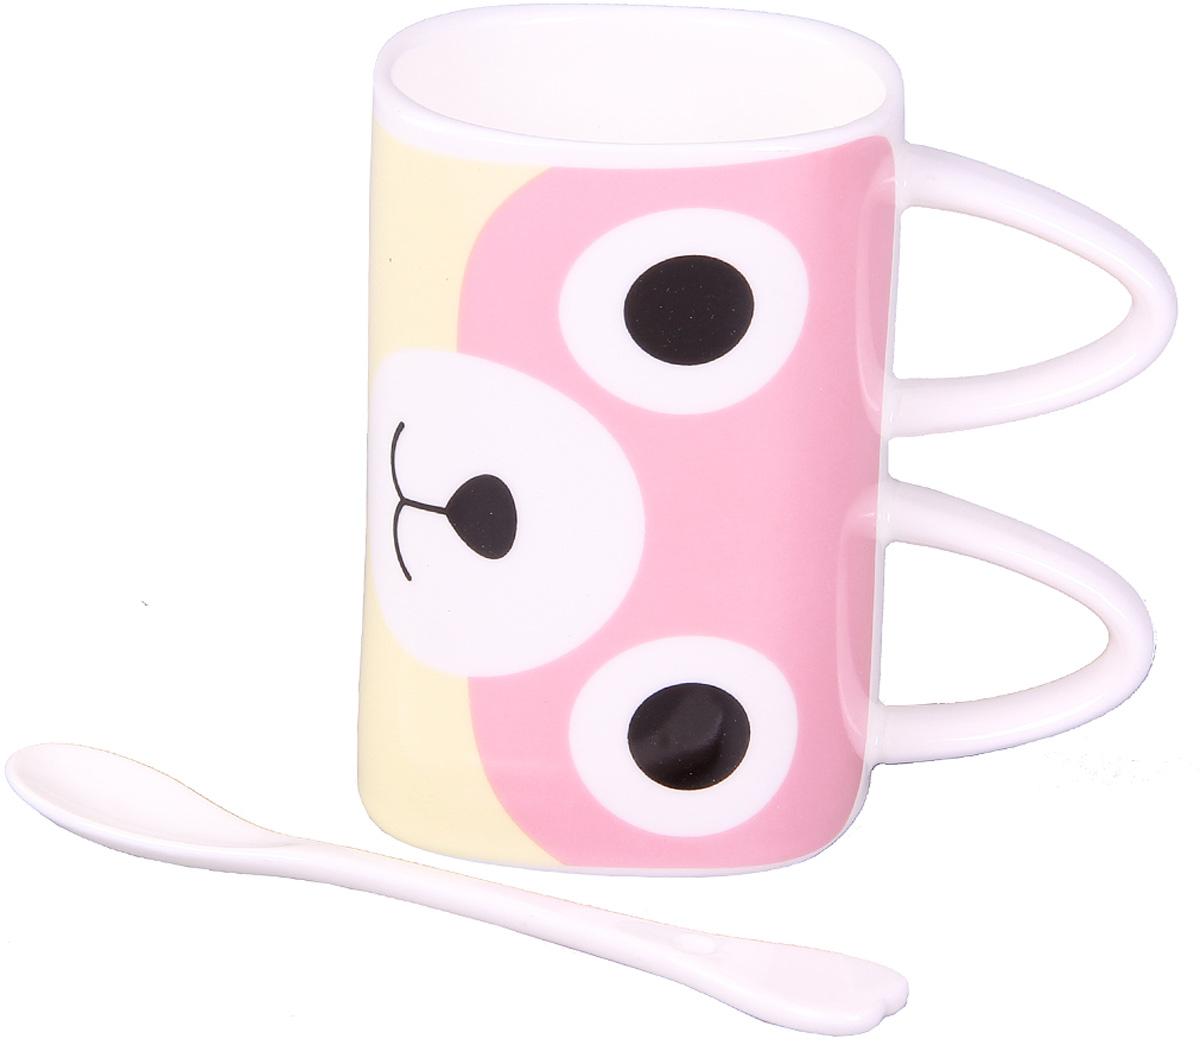 Кружка Patricia, с ложкой, 350 мл. IM99-0539/4IM99-0539/4Кружка выполнена из керамики высокого качества. Прекрасный подарок - ложка, поможет вам с легкостью размешать любимый напиток